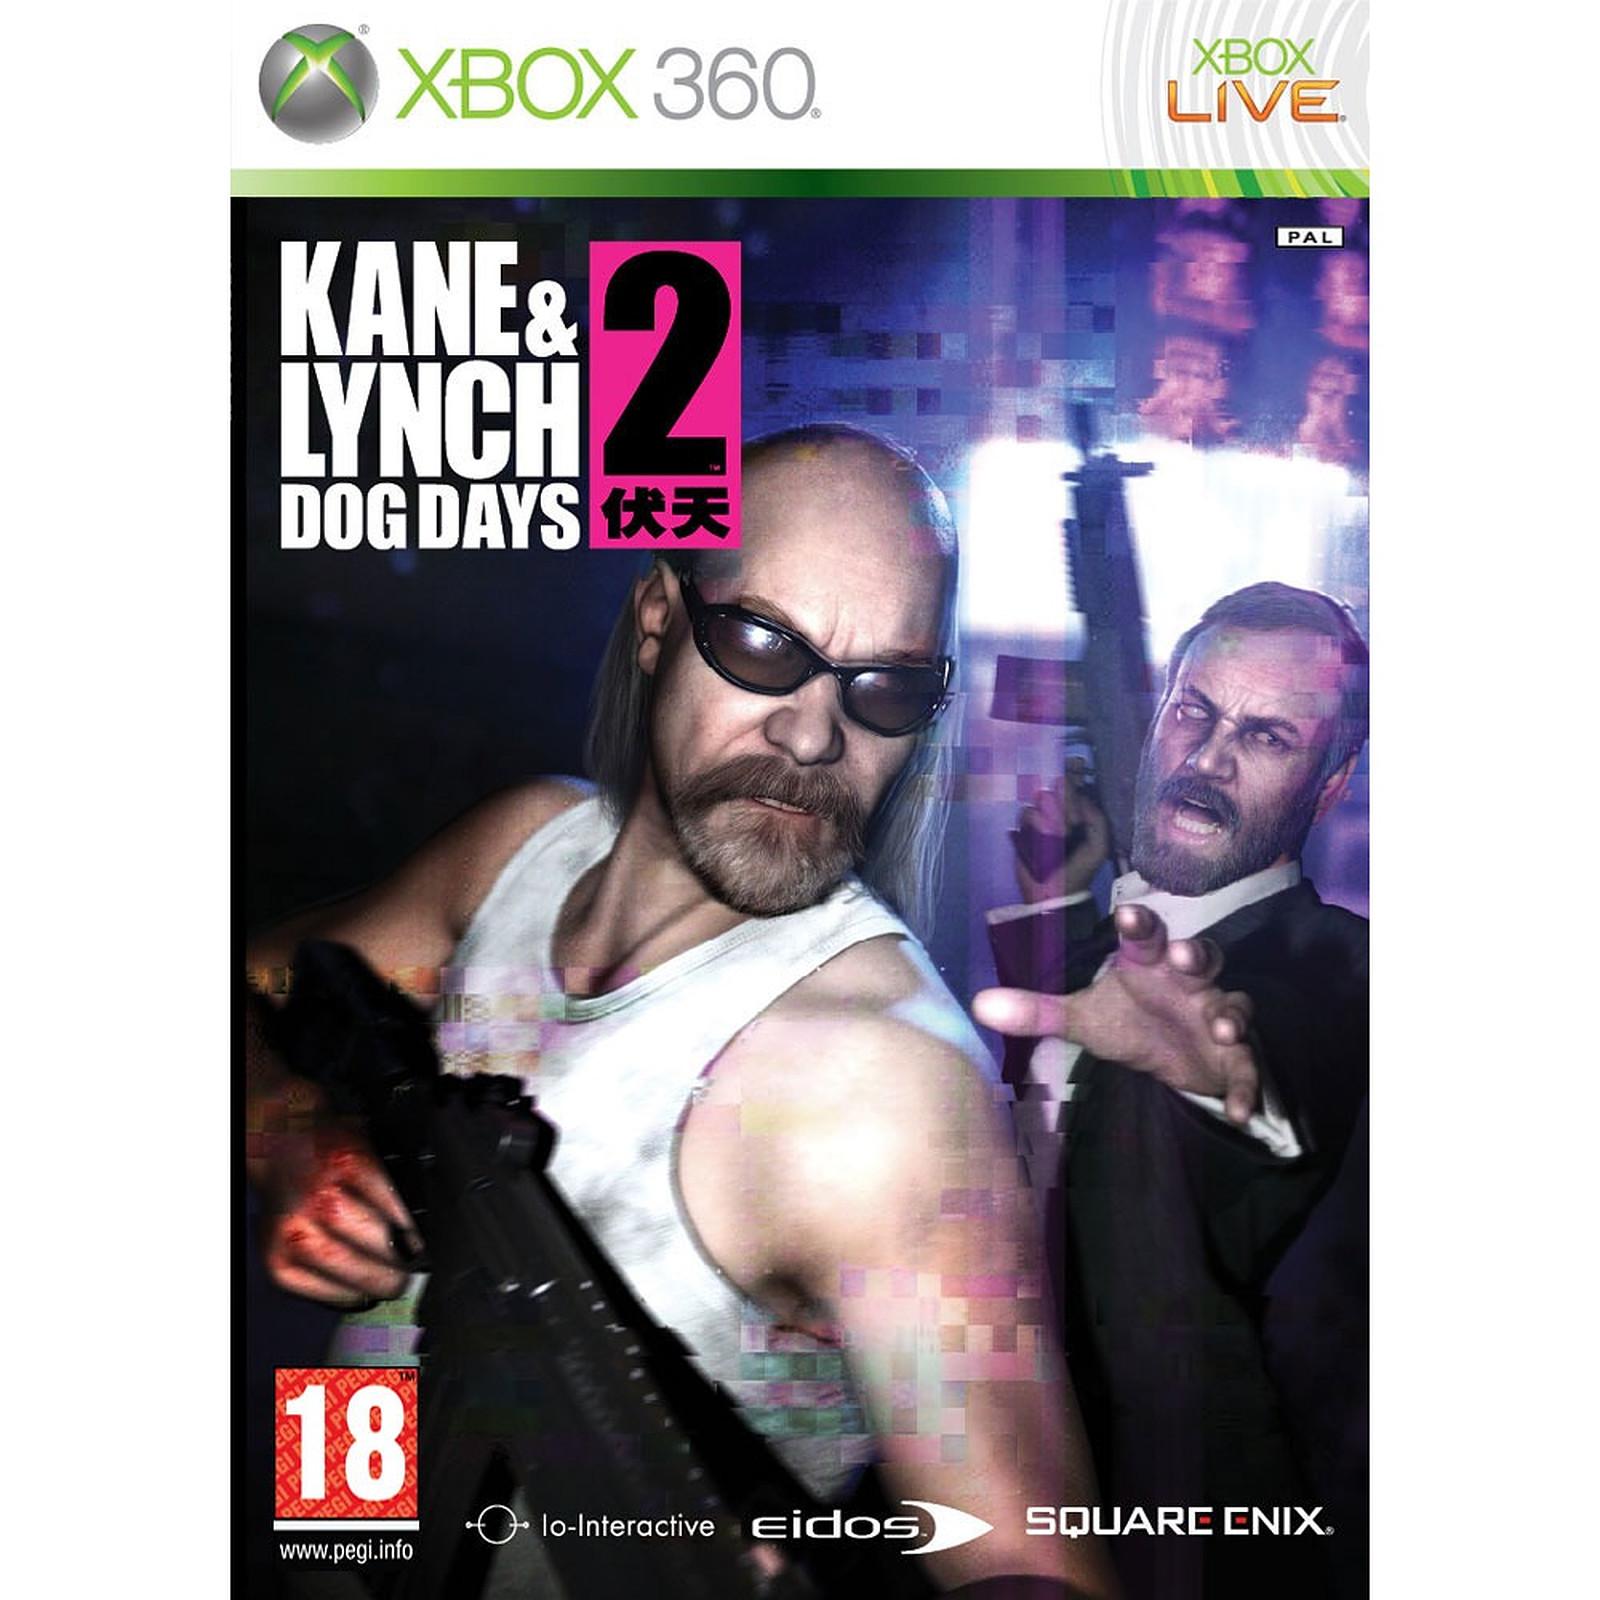 Kane & Lynch 2 : Dog Days (Xbox 360)